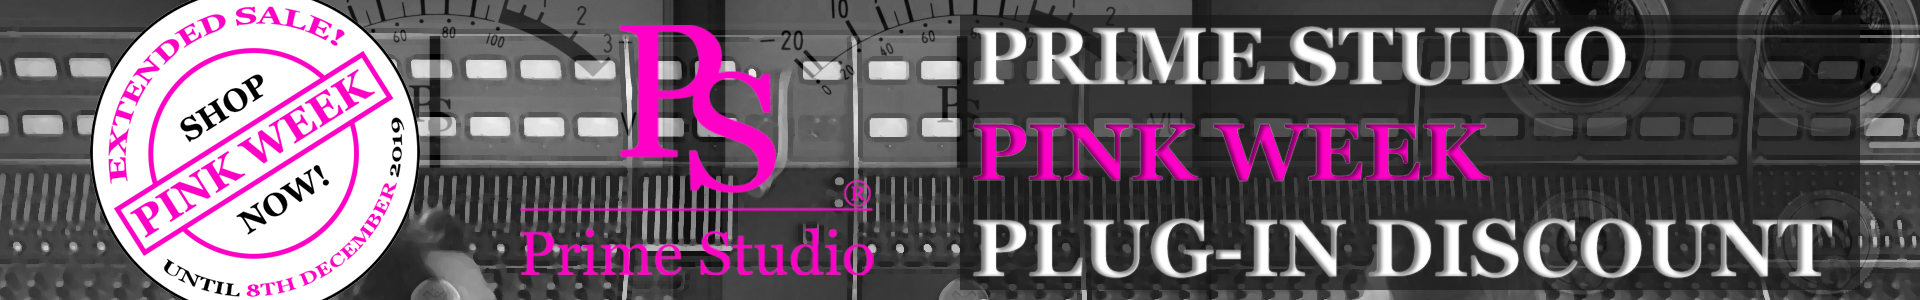 <div><strong>PINK WEEK SALE</strong><br /><h2>BIS ZU 50% RABATT AUF PLUG-INS!</h2>  Jetzt ausgesuchte Prime Studio® Plug-ins vom 29. NOVEMBER bis zum 8. DEZEMBER 2019, um bis zu 50% günstiger bekommen. Auf zum ONLINE SHOP!</div>